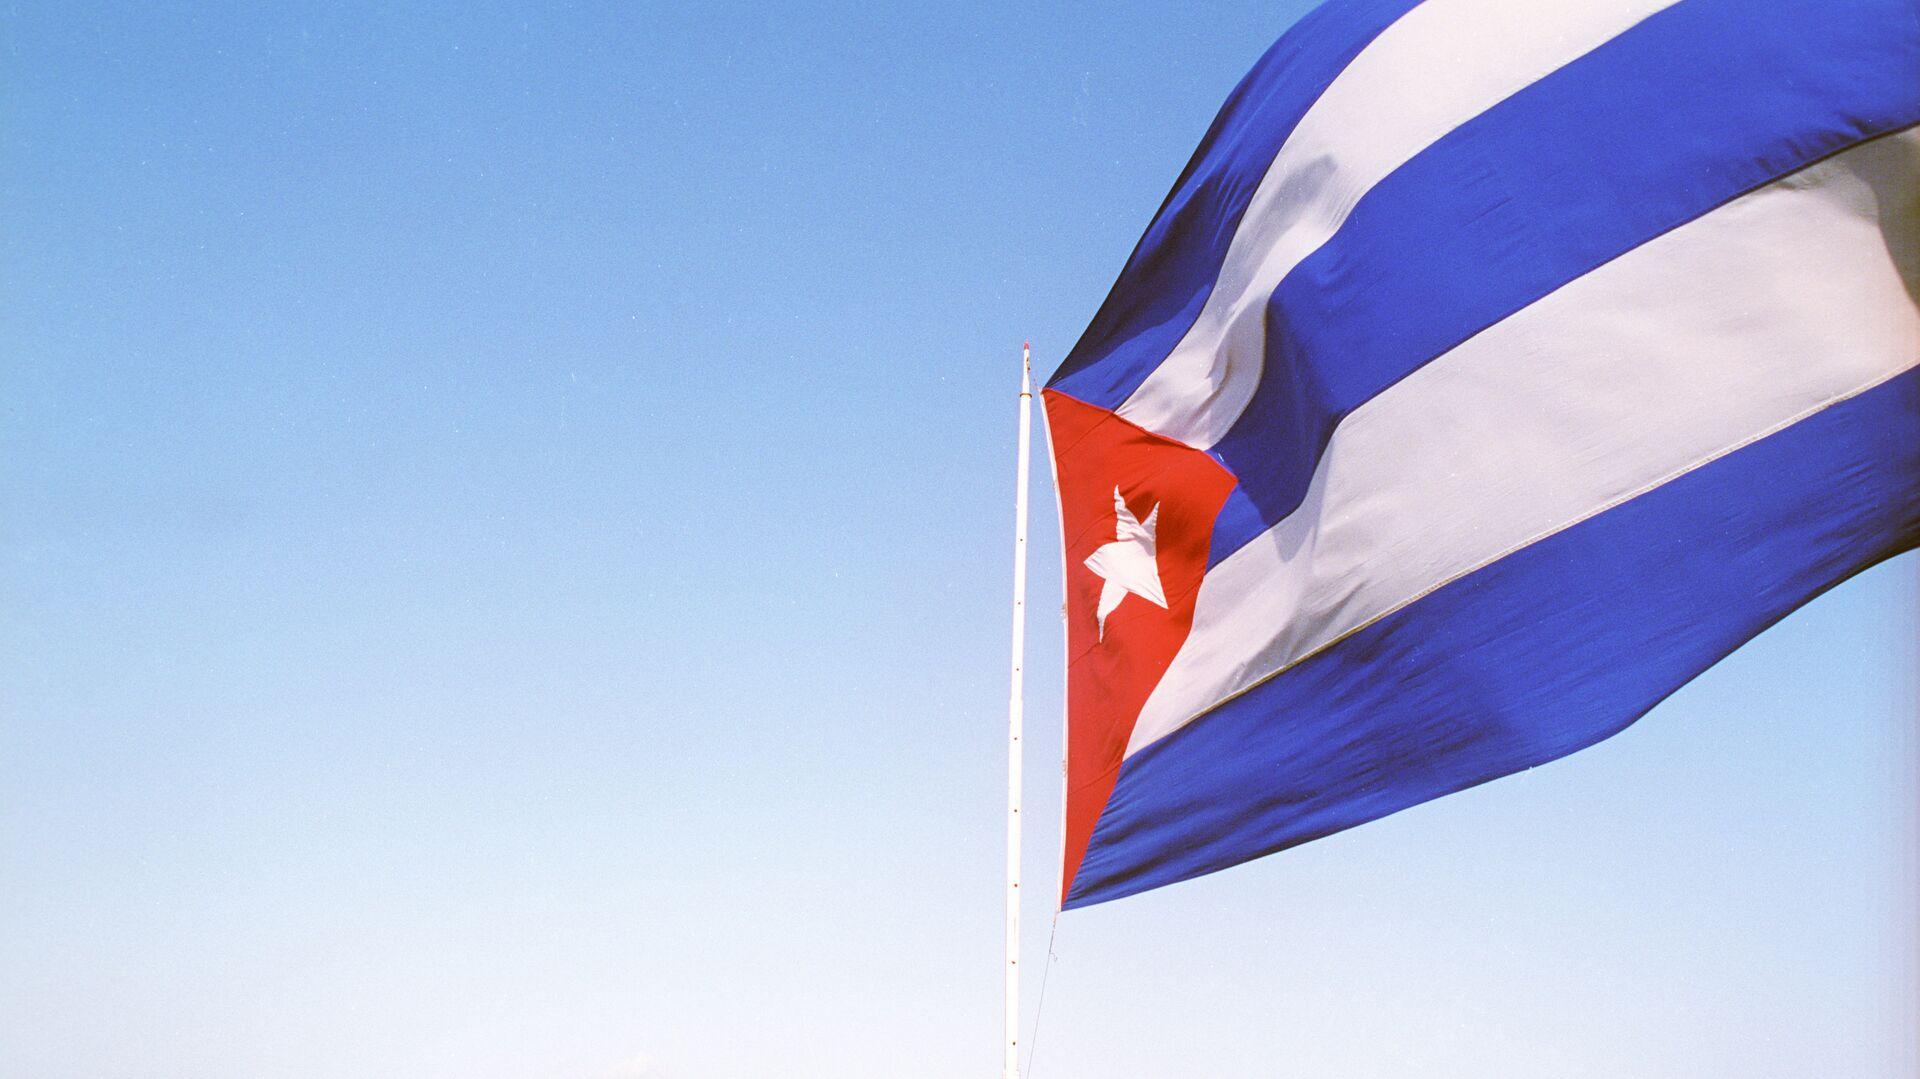 Государственный флаг Республики Куба - Sputnik Беларусь, 1920, 08.10.2021